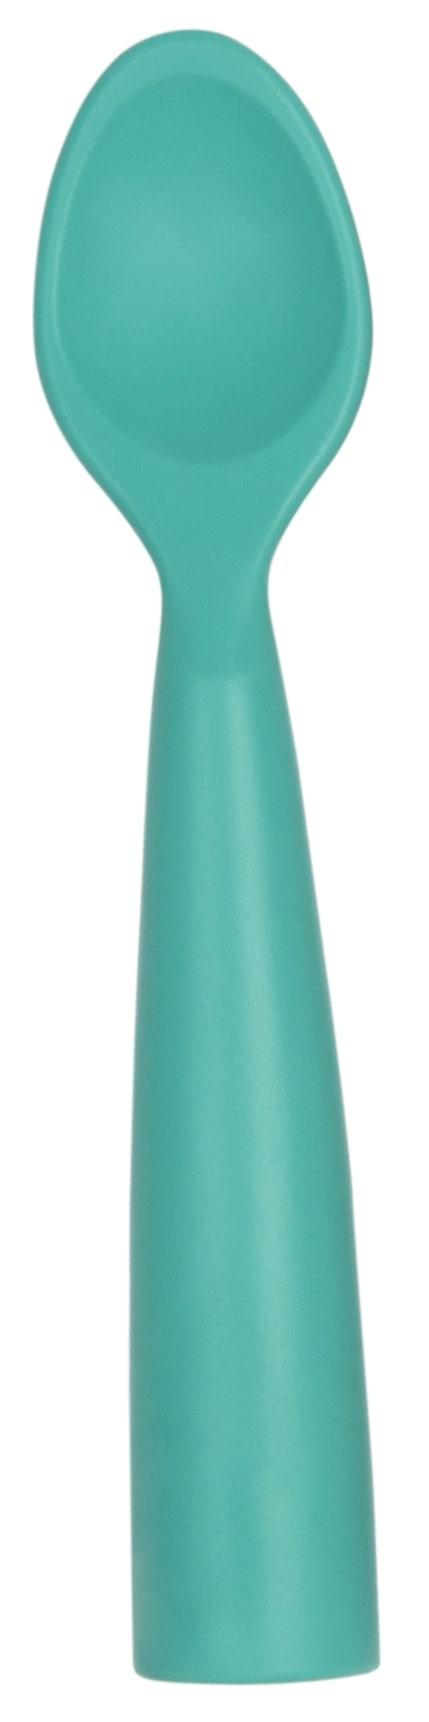 Lyžička silikónová - Green